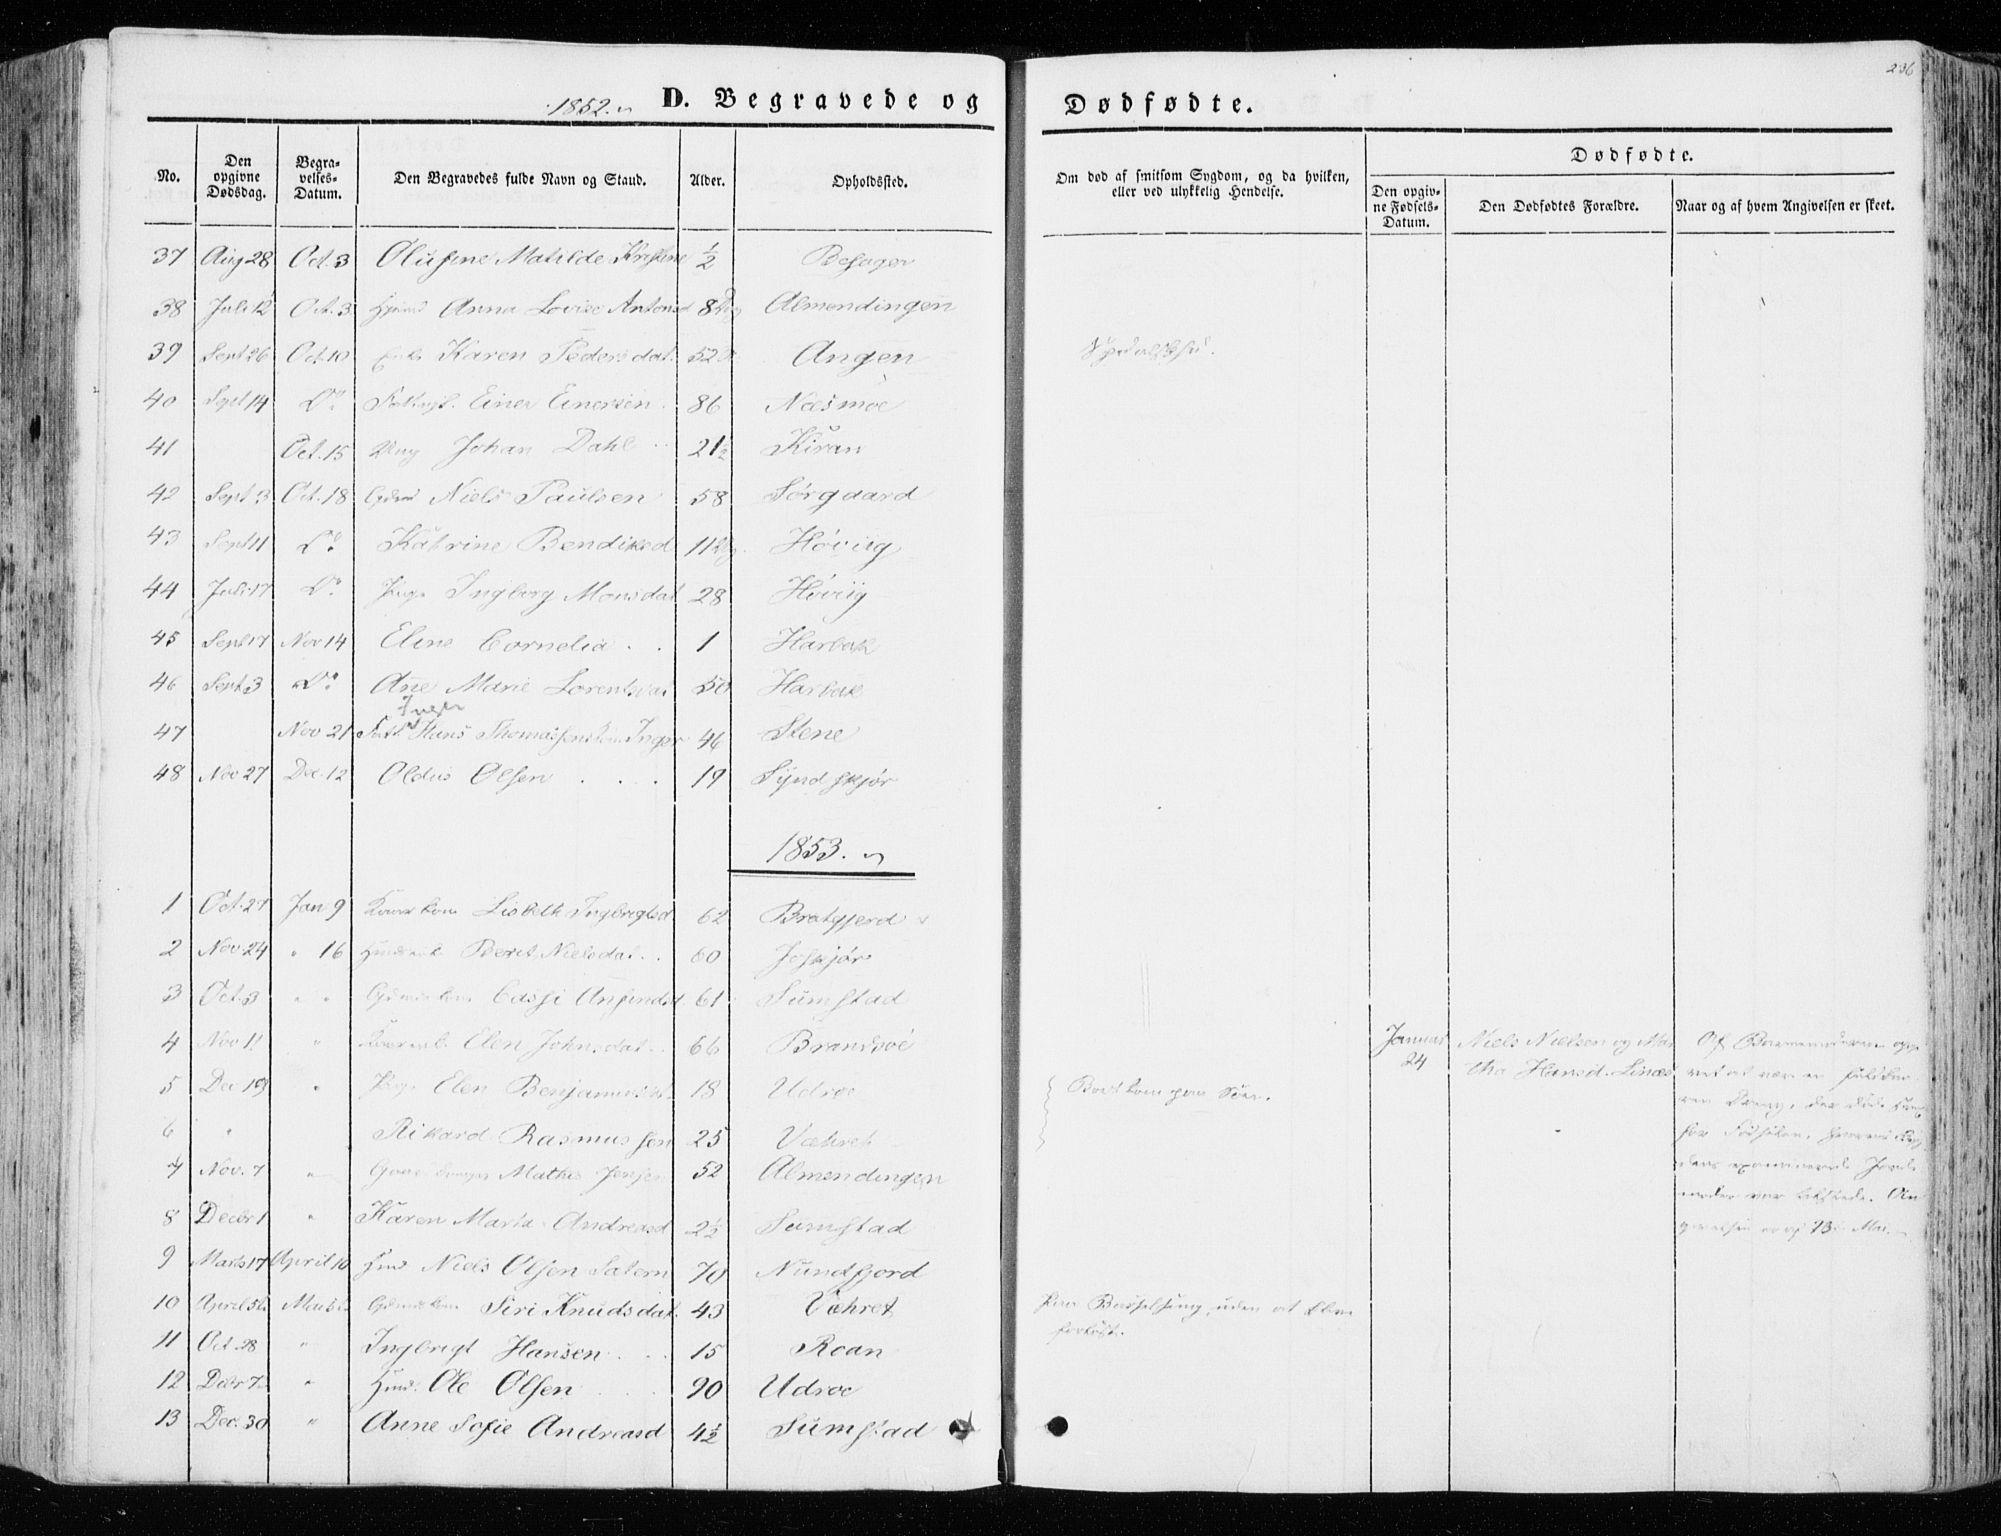 SAT, Ministerialprotokoller, klokkerbøker og fødselsregistre - Sør-Trøndelag, 657/L0704: Ministerialbok nr. 657A05, 1846-1857, s. 236